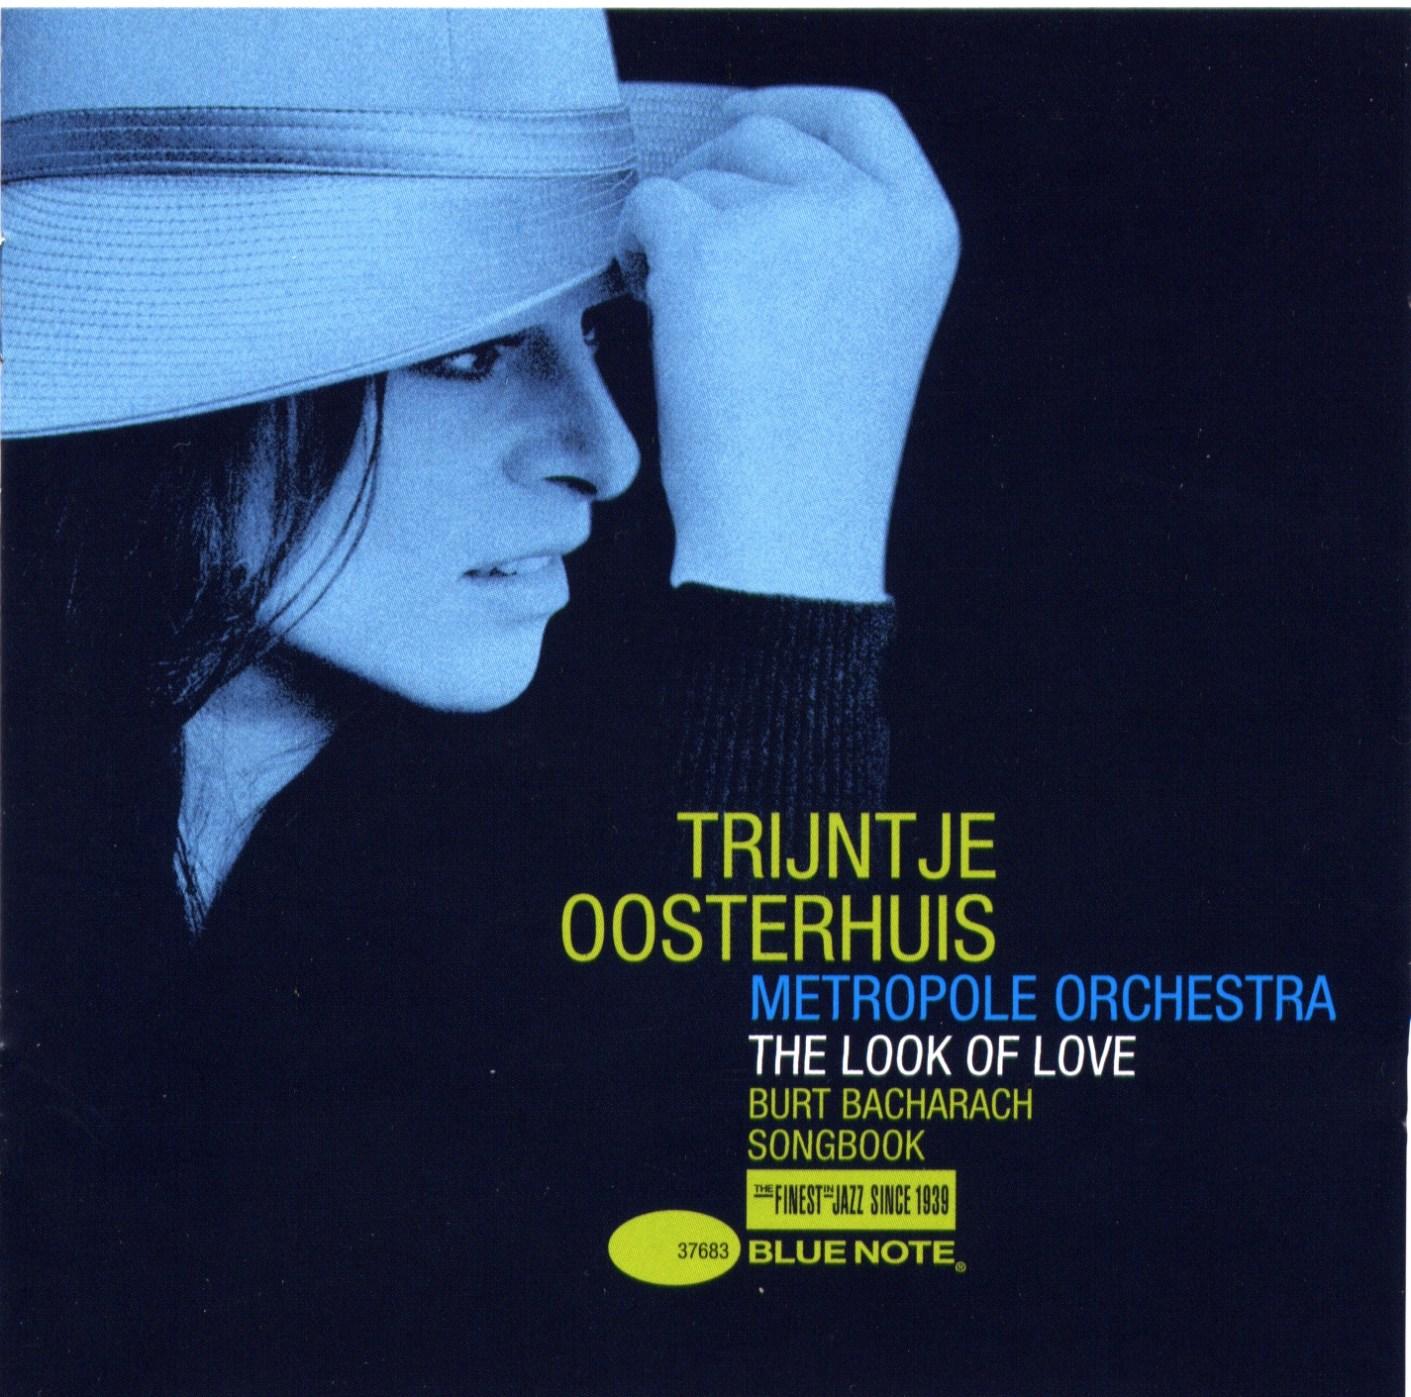 Trijntje Oosterhuis - The look of love